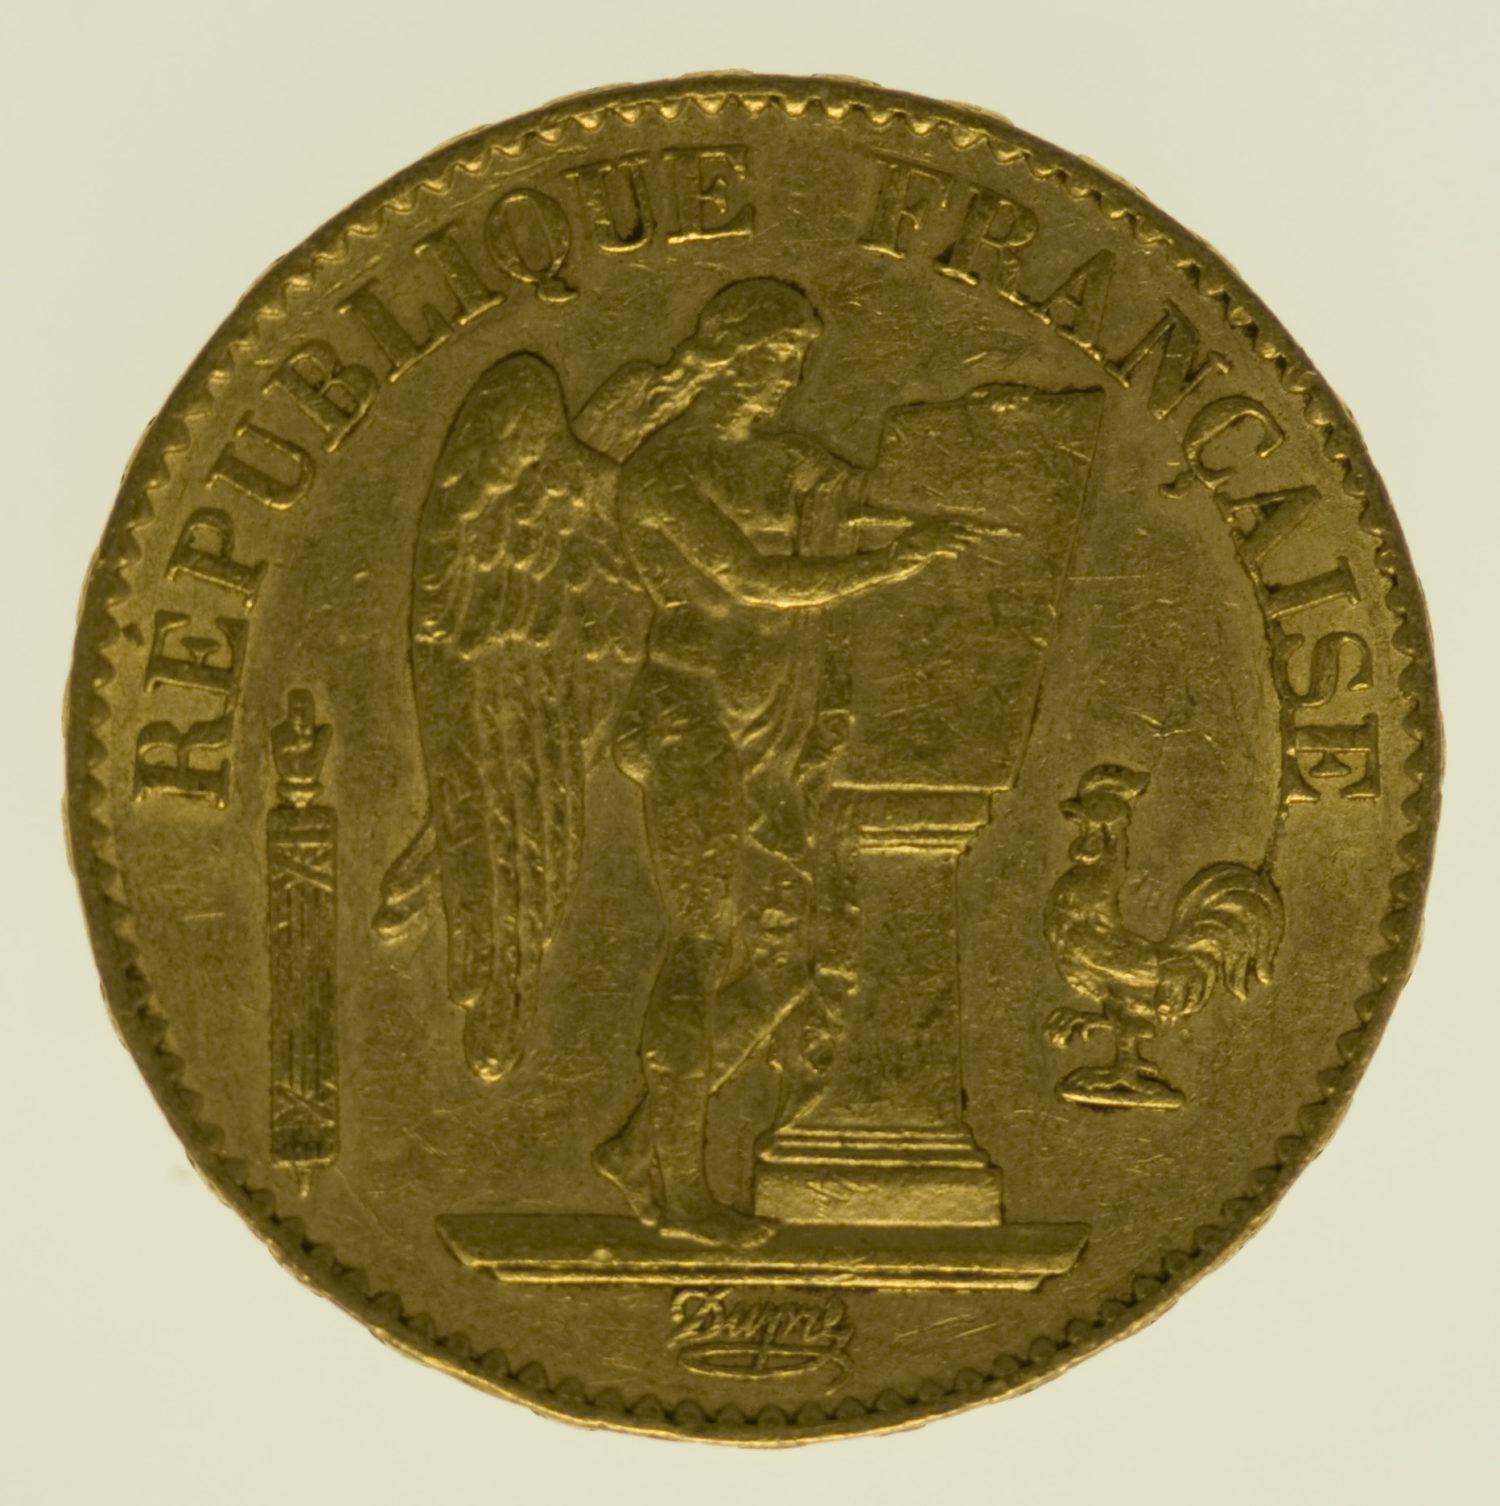 frankreich - Frankreich 20 Francs 1878 Genius